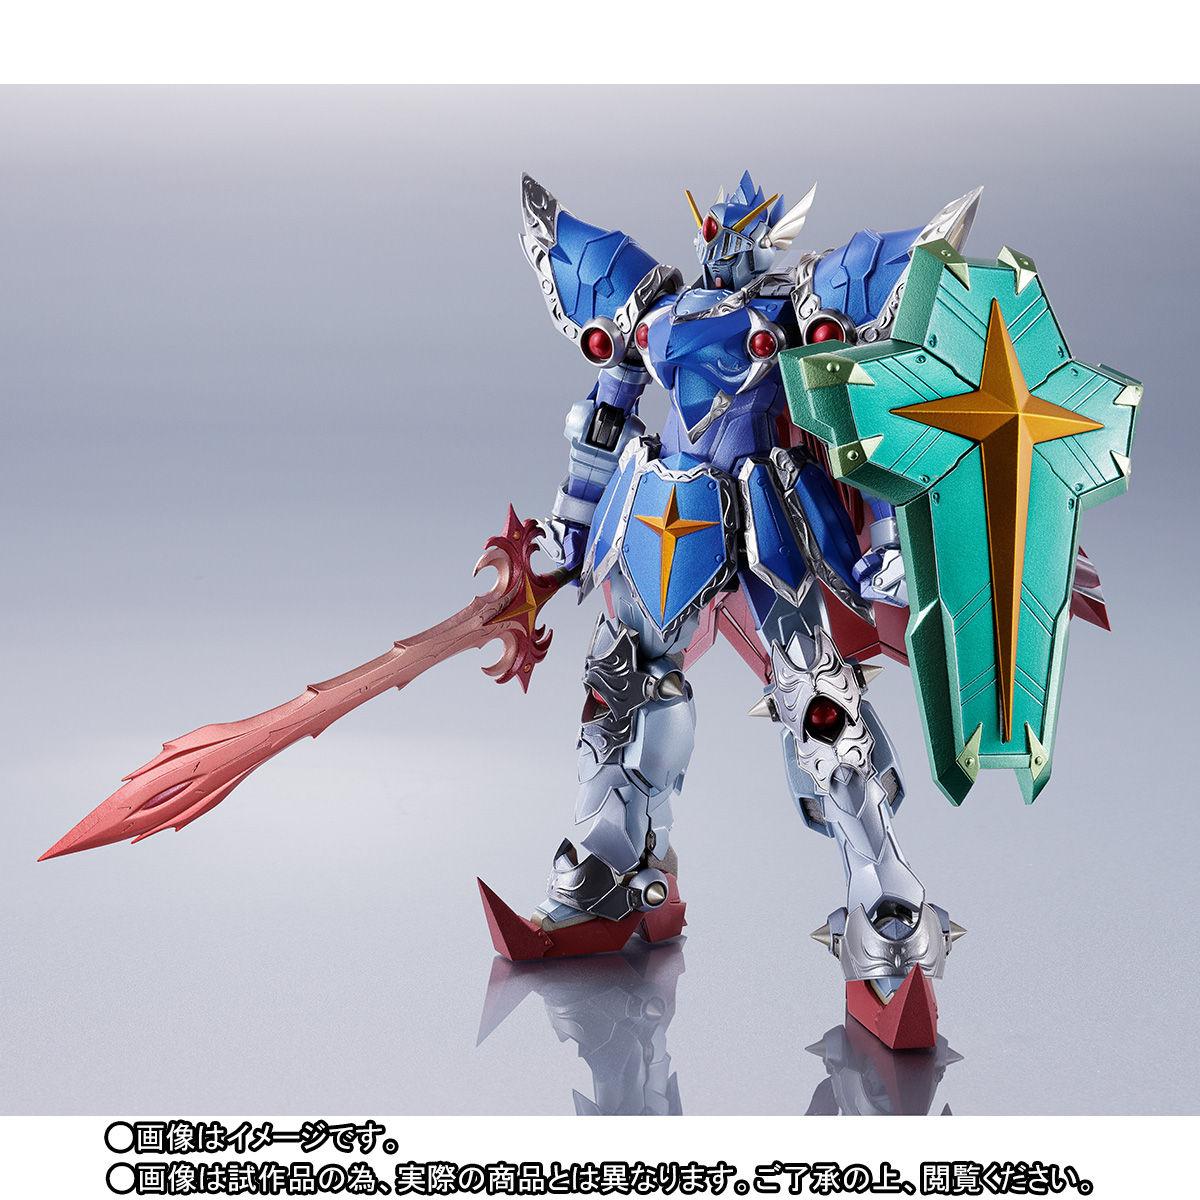 METAL ROBOT魂 〈SIDE MS〉『フルアーマー騎士ガンダム(リアルタイプver.)|SDガンダム外伝』可動フィギュア-003